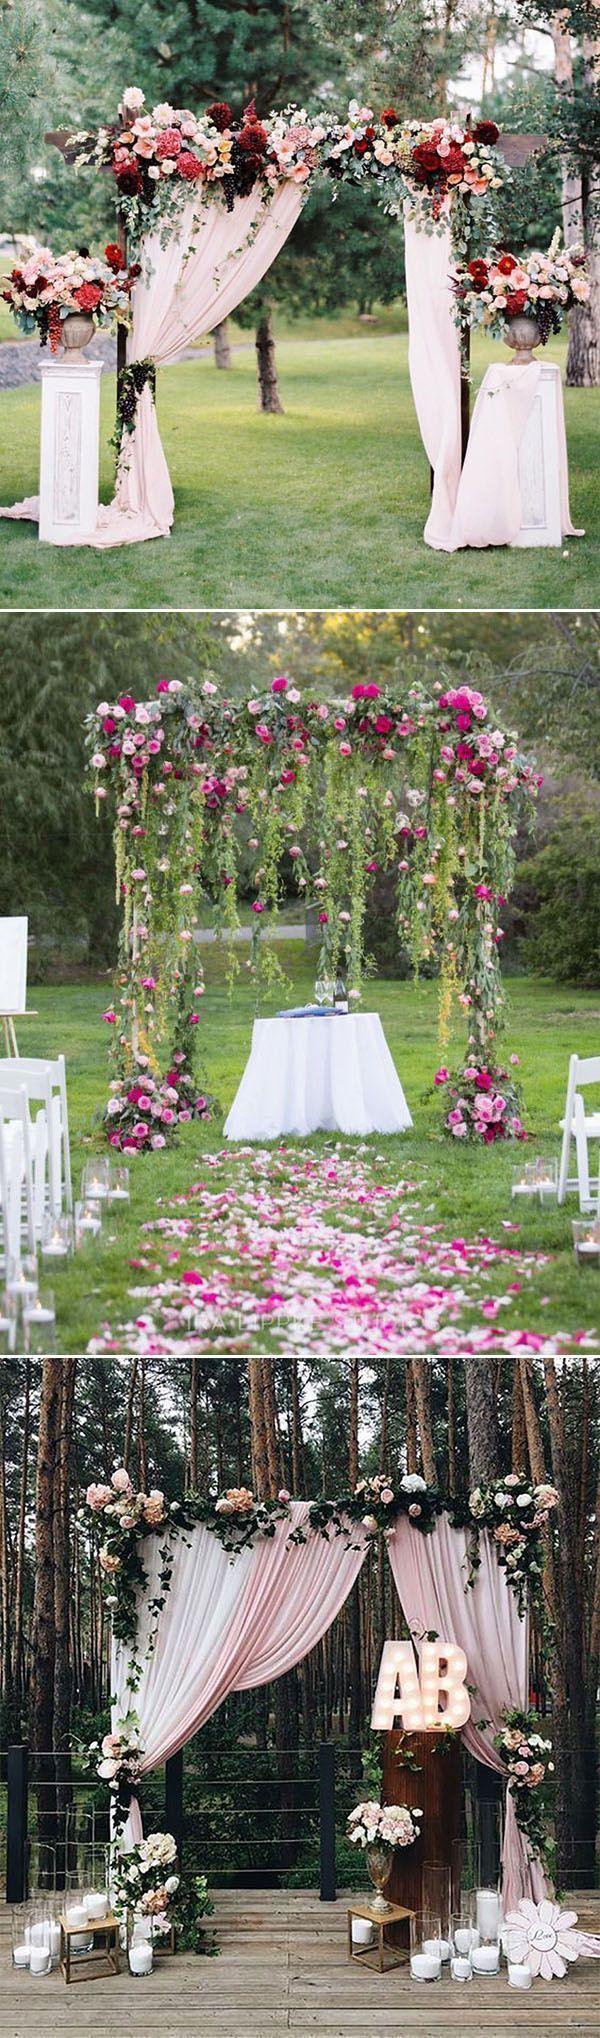 brautkleid hochzeitsdekoration 15 besten fotos – Hochzeit ideen